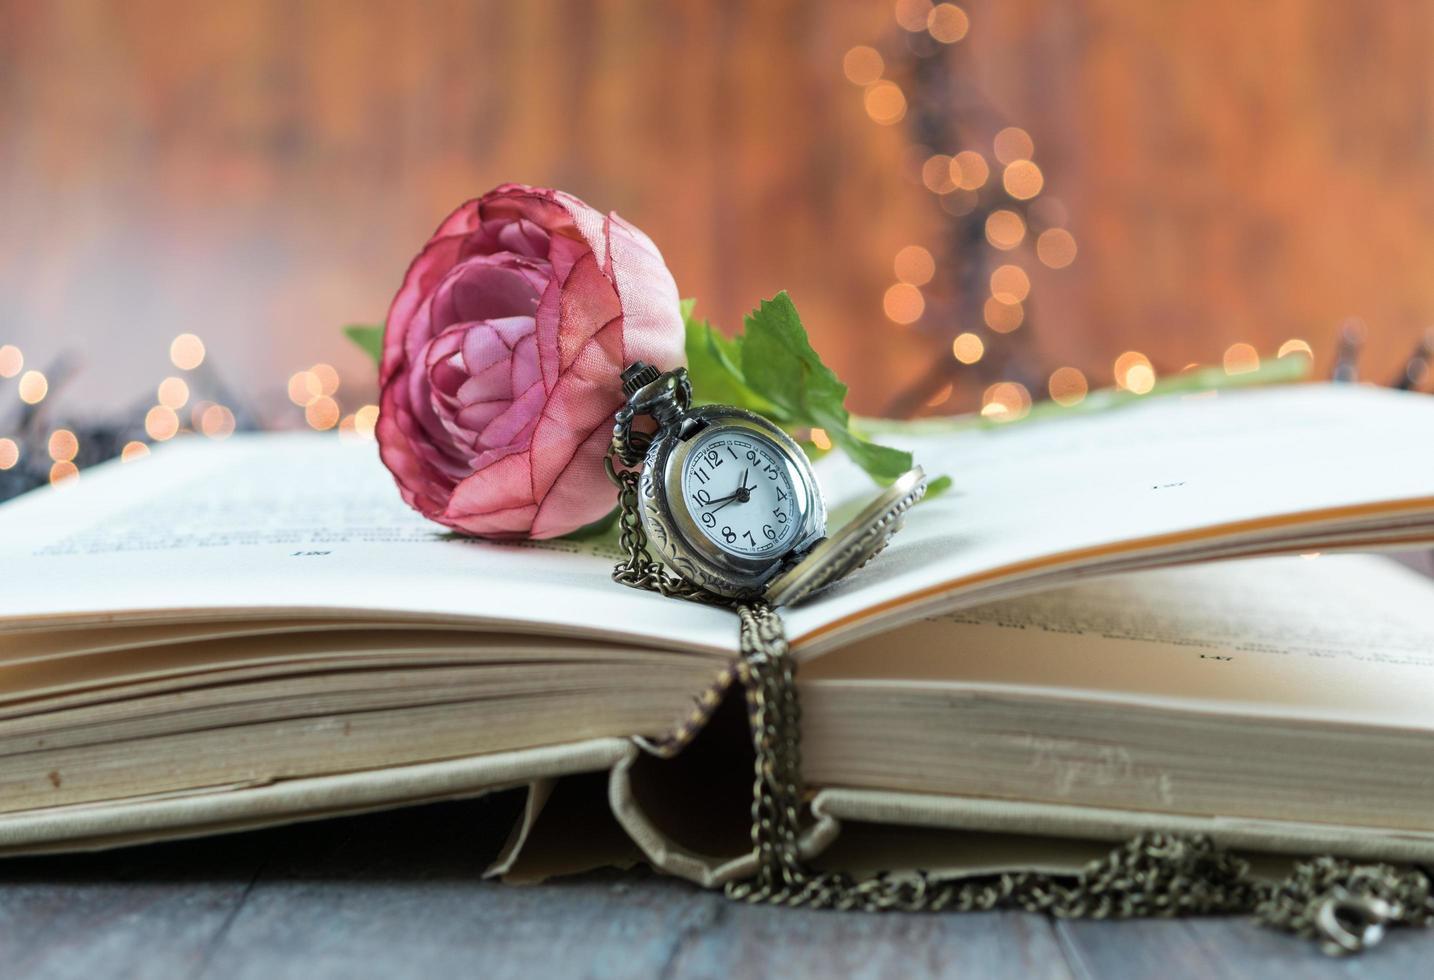 libro aperto con orologio da tasca e fiore foto